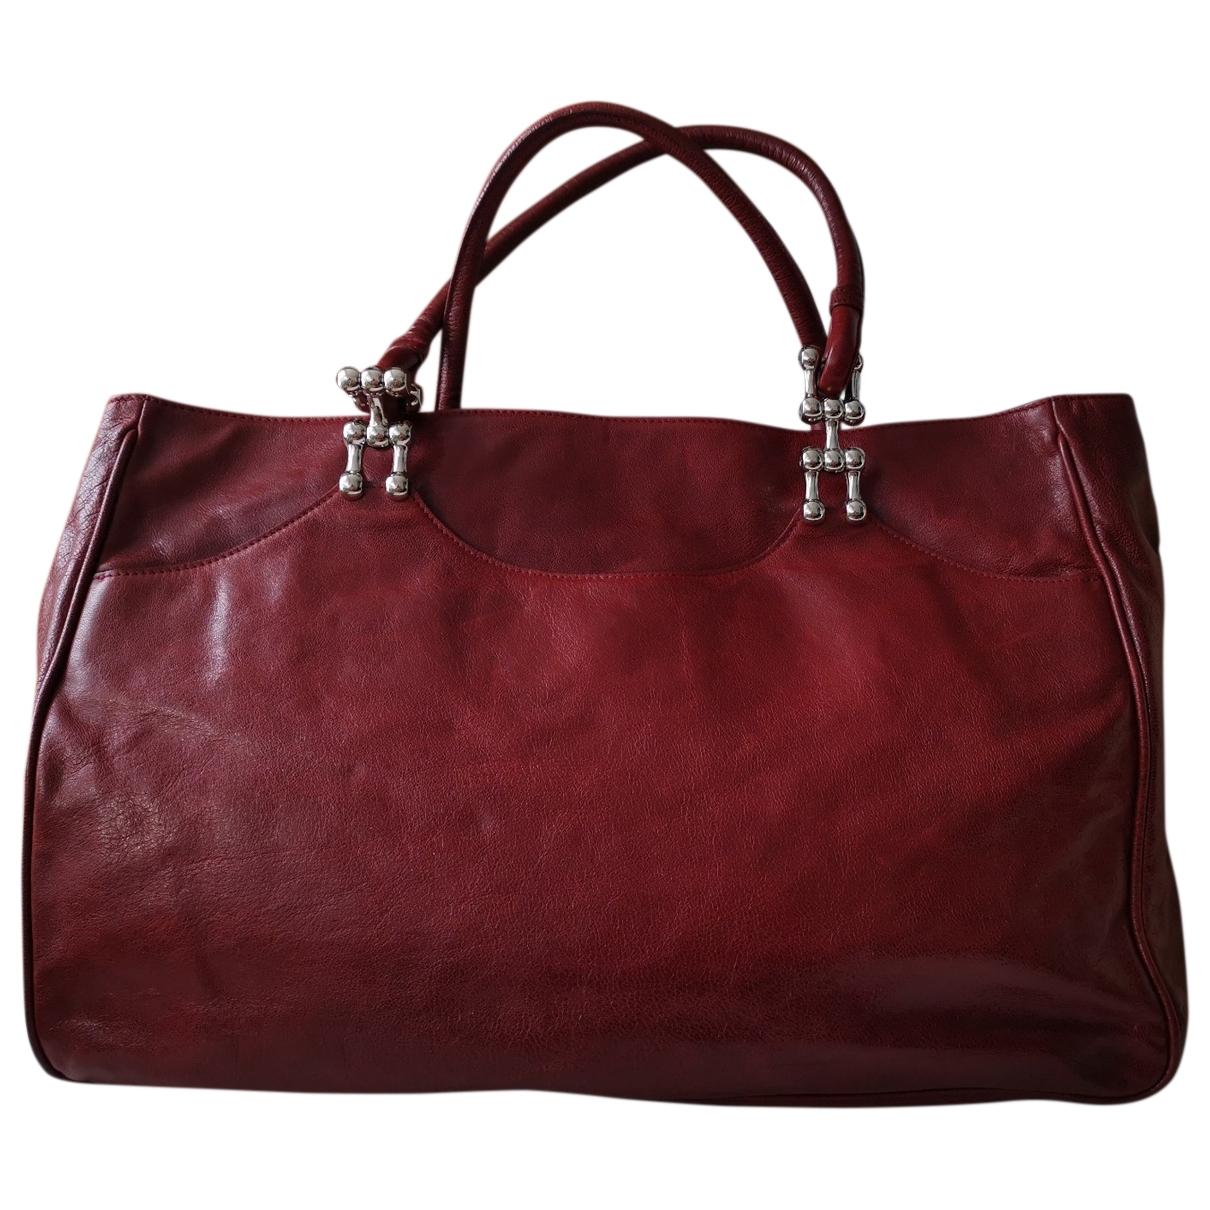 Balenciaga \N Burgundy Leather handbag for Women \N